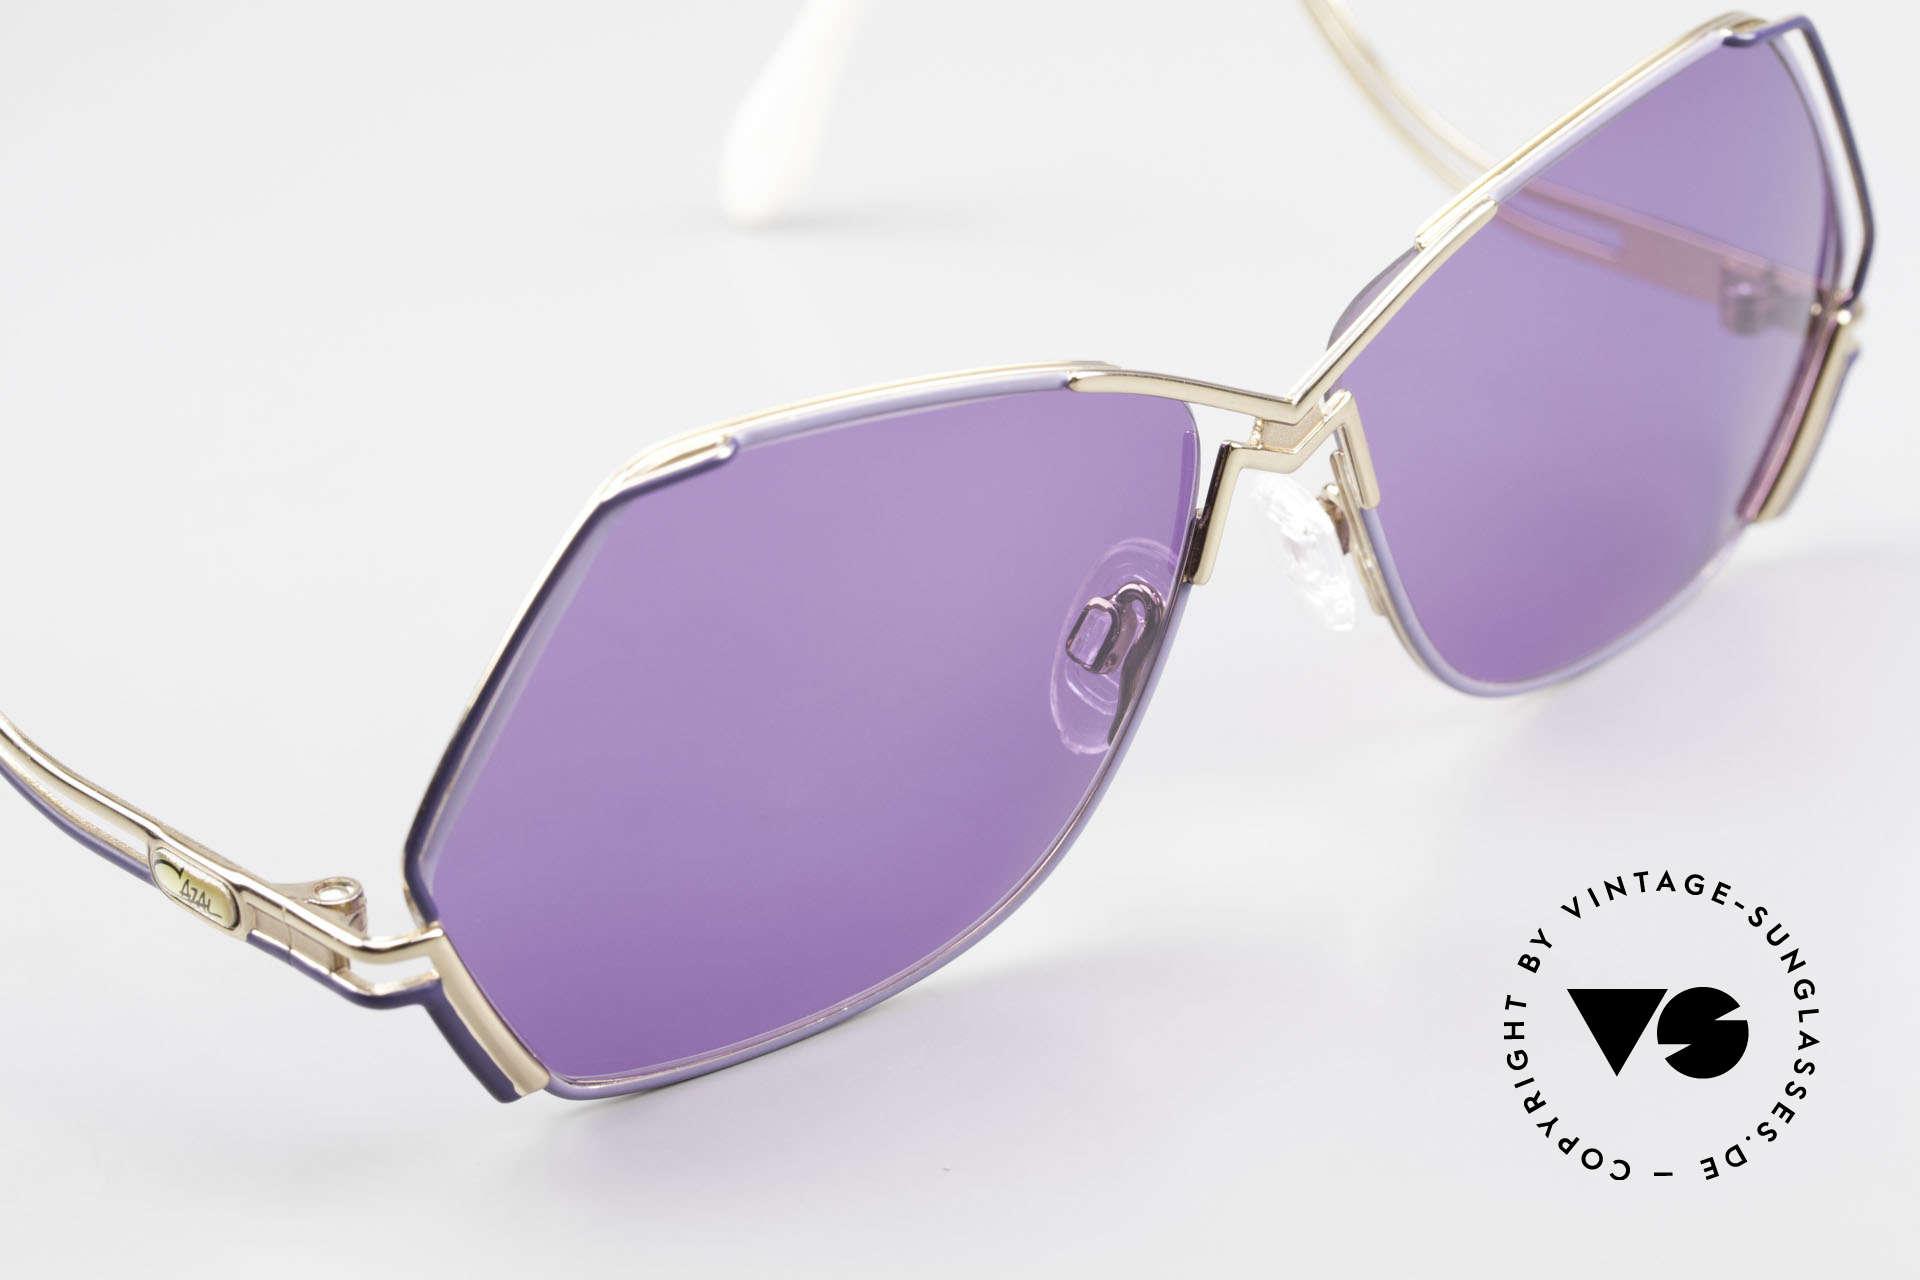 Cazal 226 Vintage Sonnenbrille Damen, KEINE Retrobrille, sondern ein einzigartiges Original!, Passend für Damen